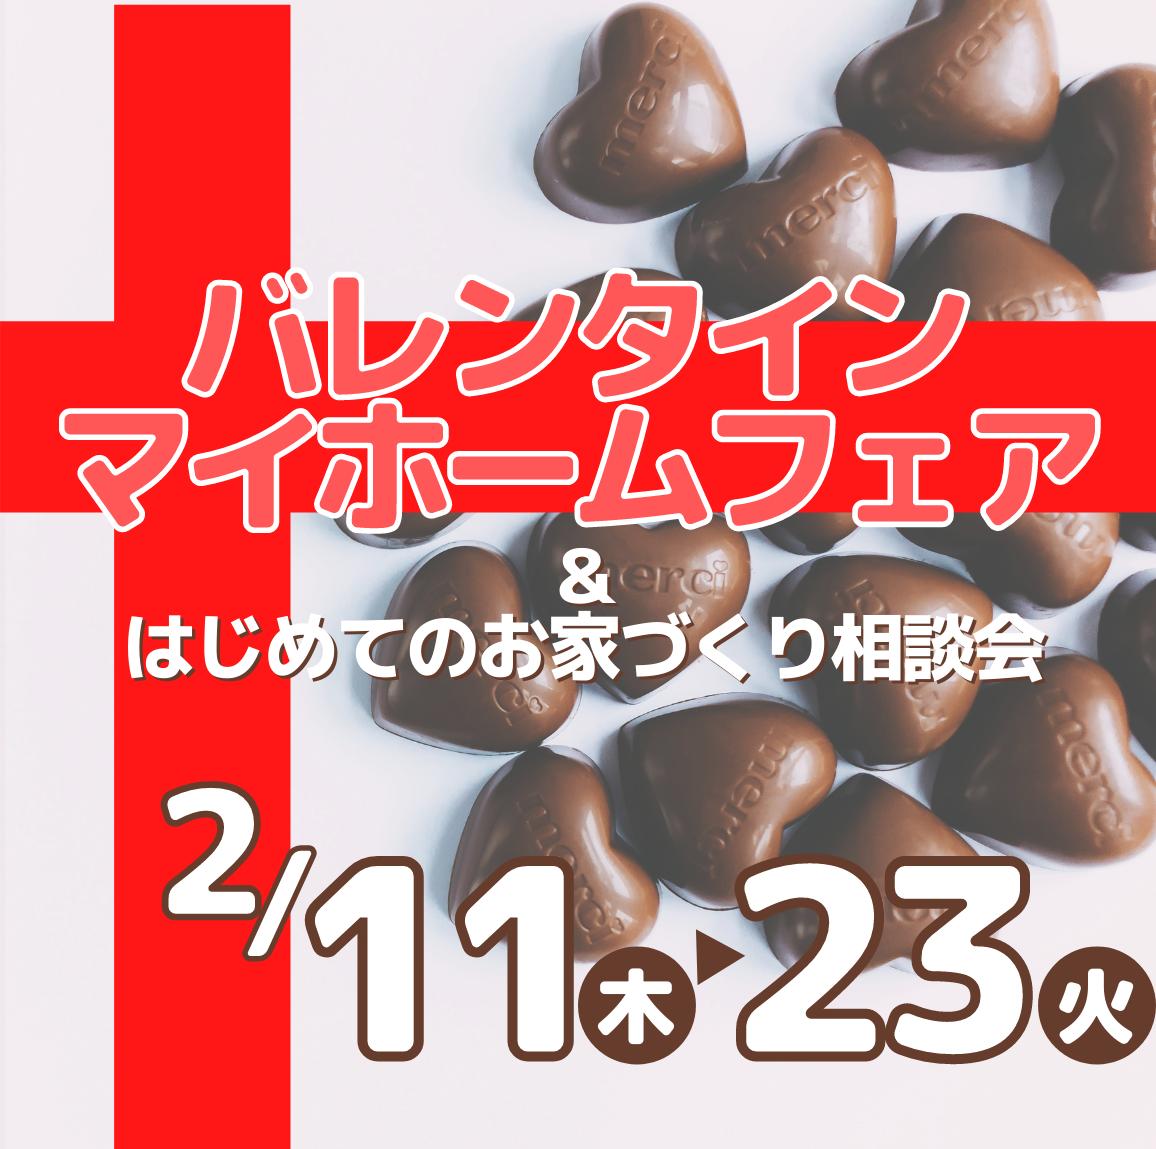 【2/23火祝まで!】バレンタインマイホームフェア&はじめてのお家づくり相談会